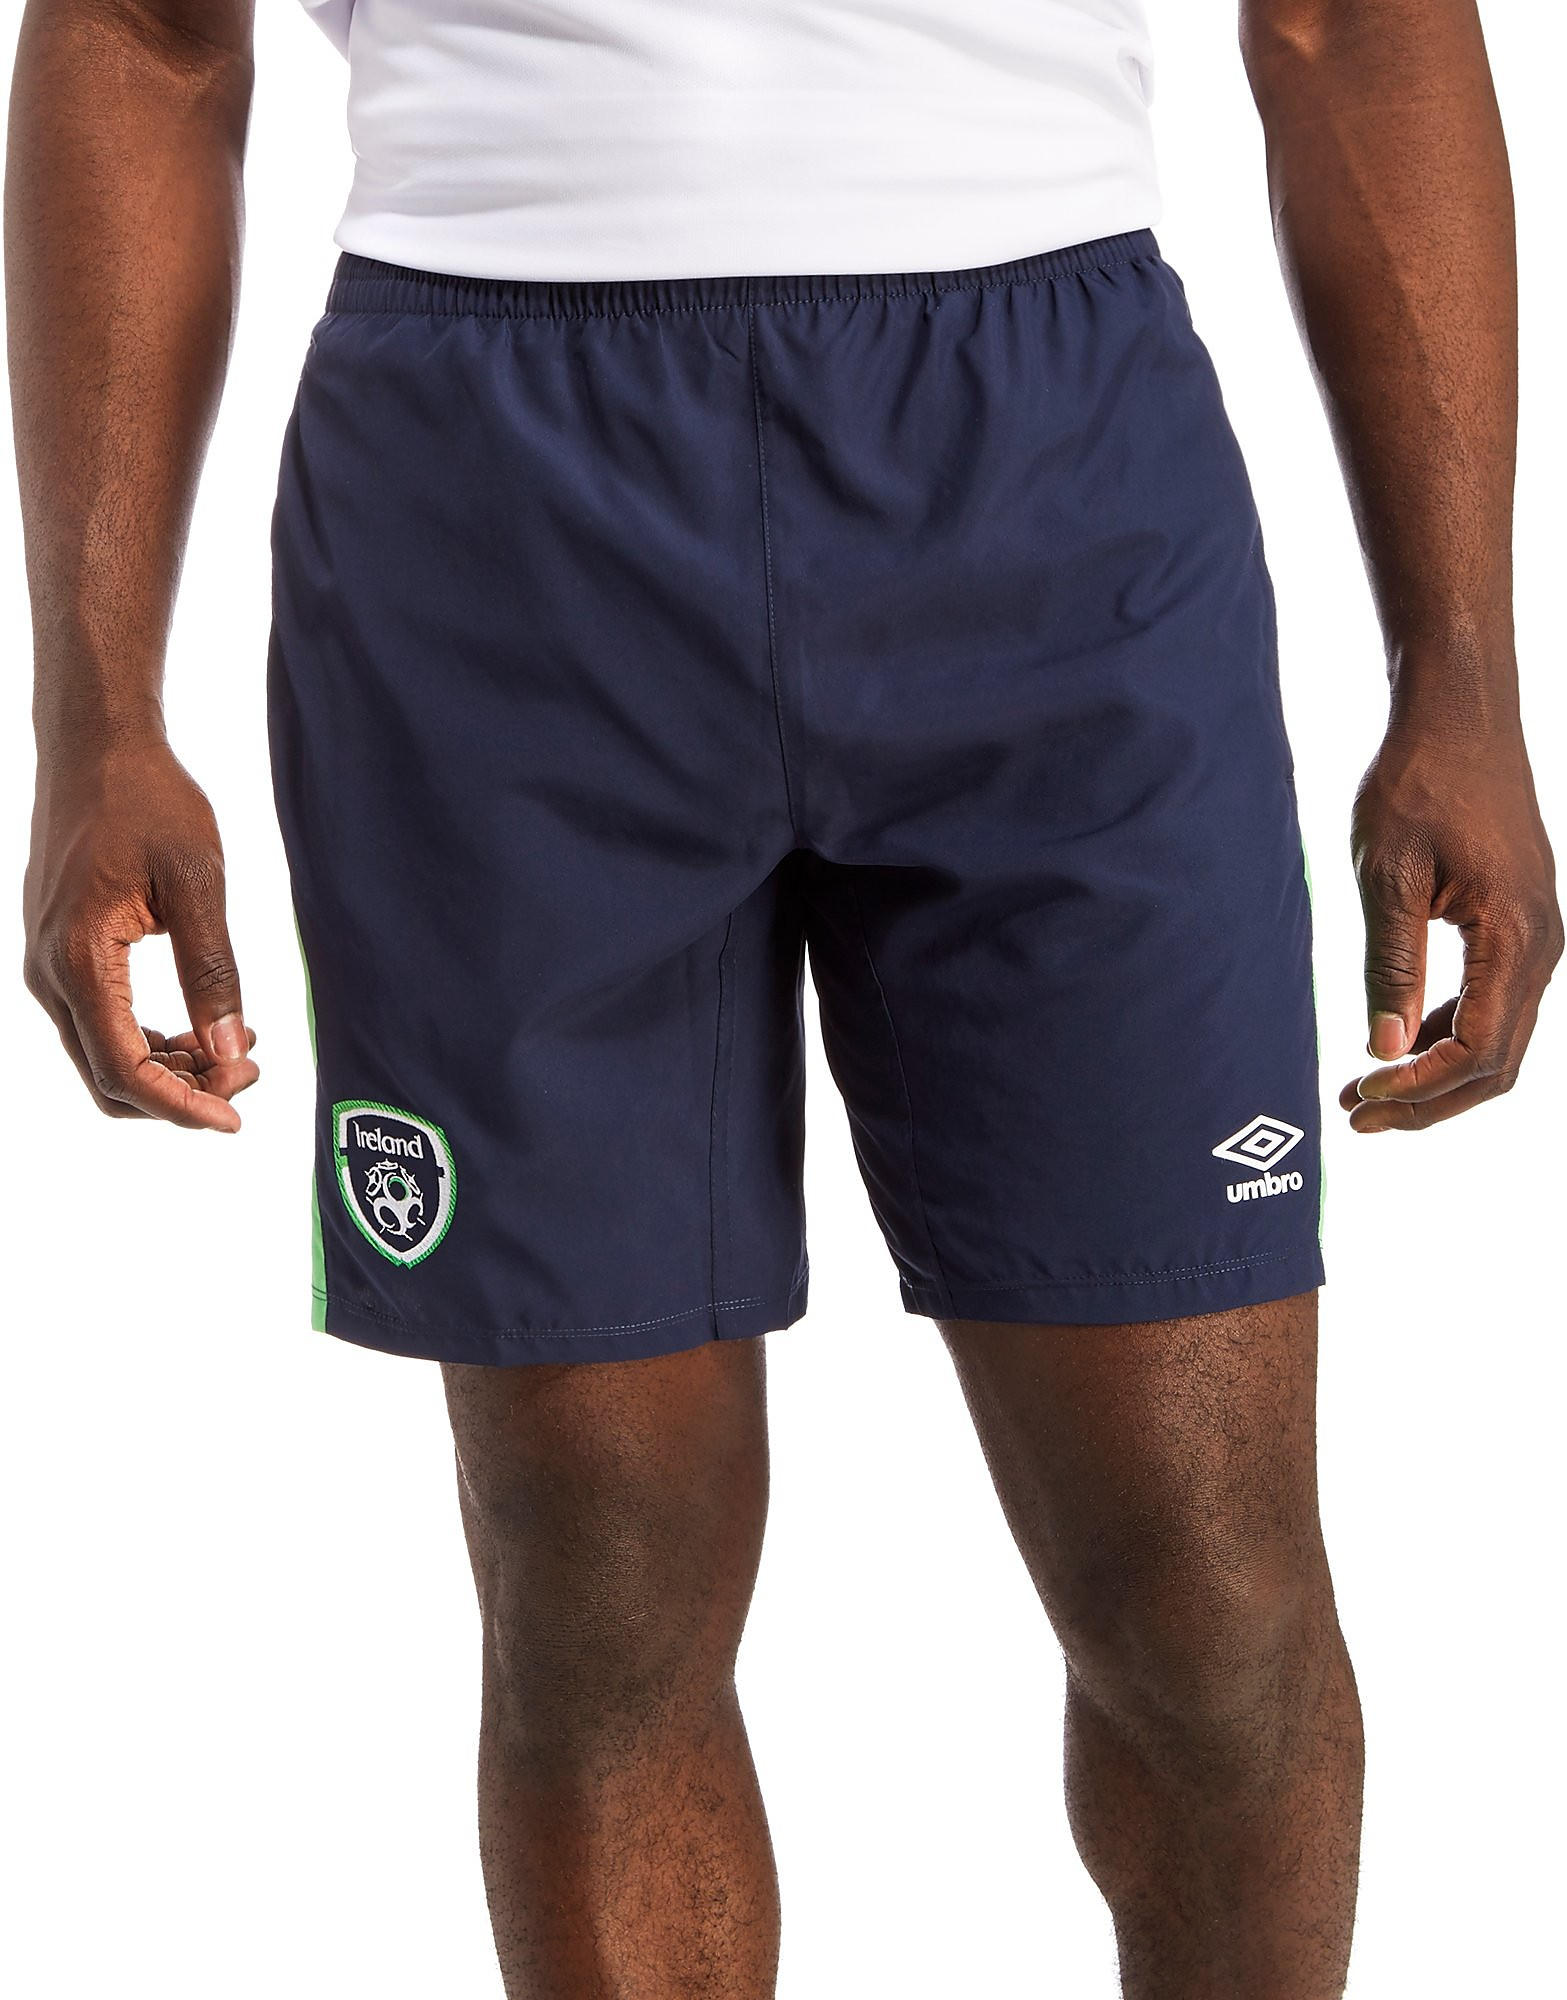 Umbro Republic of Ireland Training Shorts